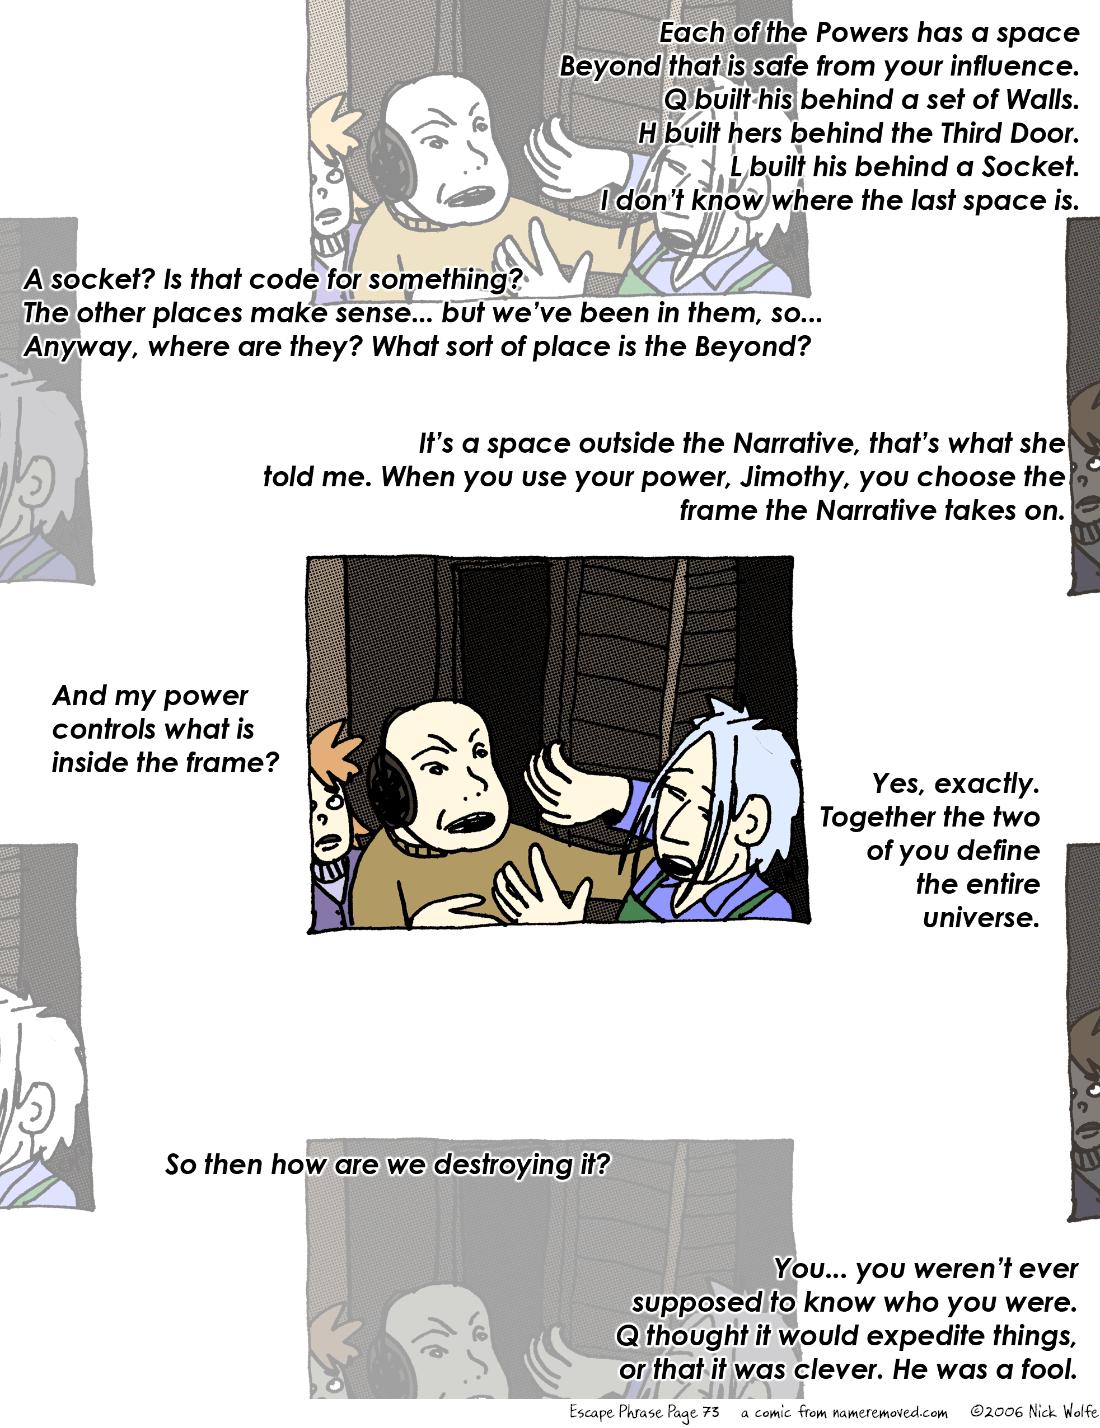 Escape Phrase 73